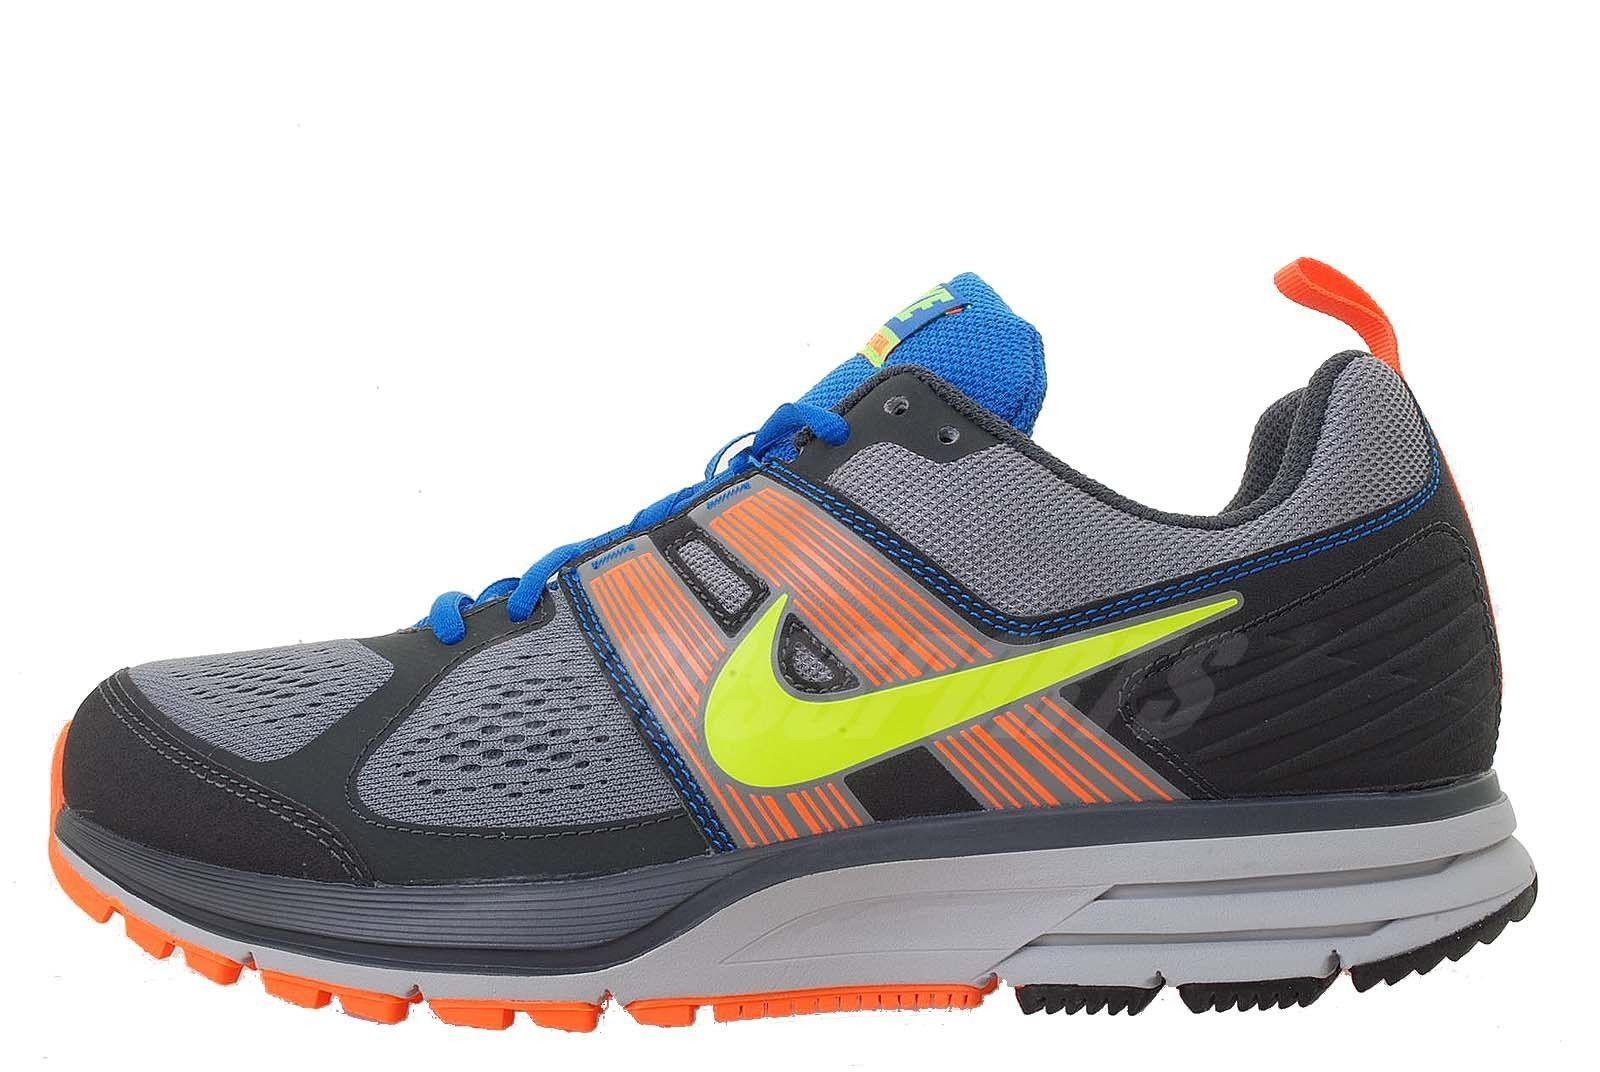 Nike Air Pegasus 29 / Trail / 4E width